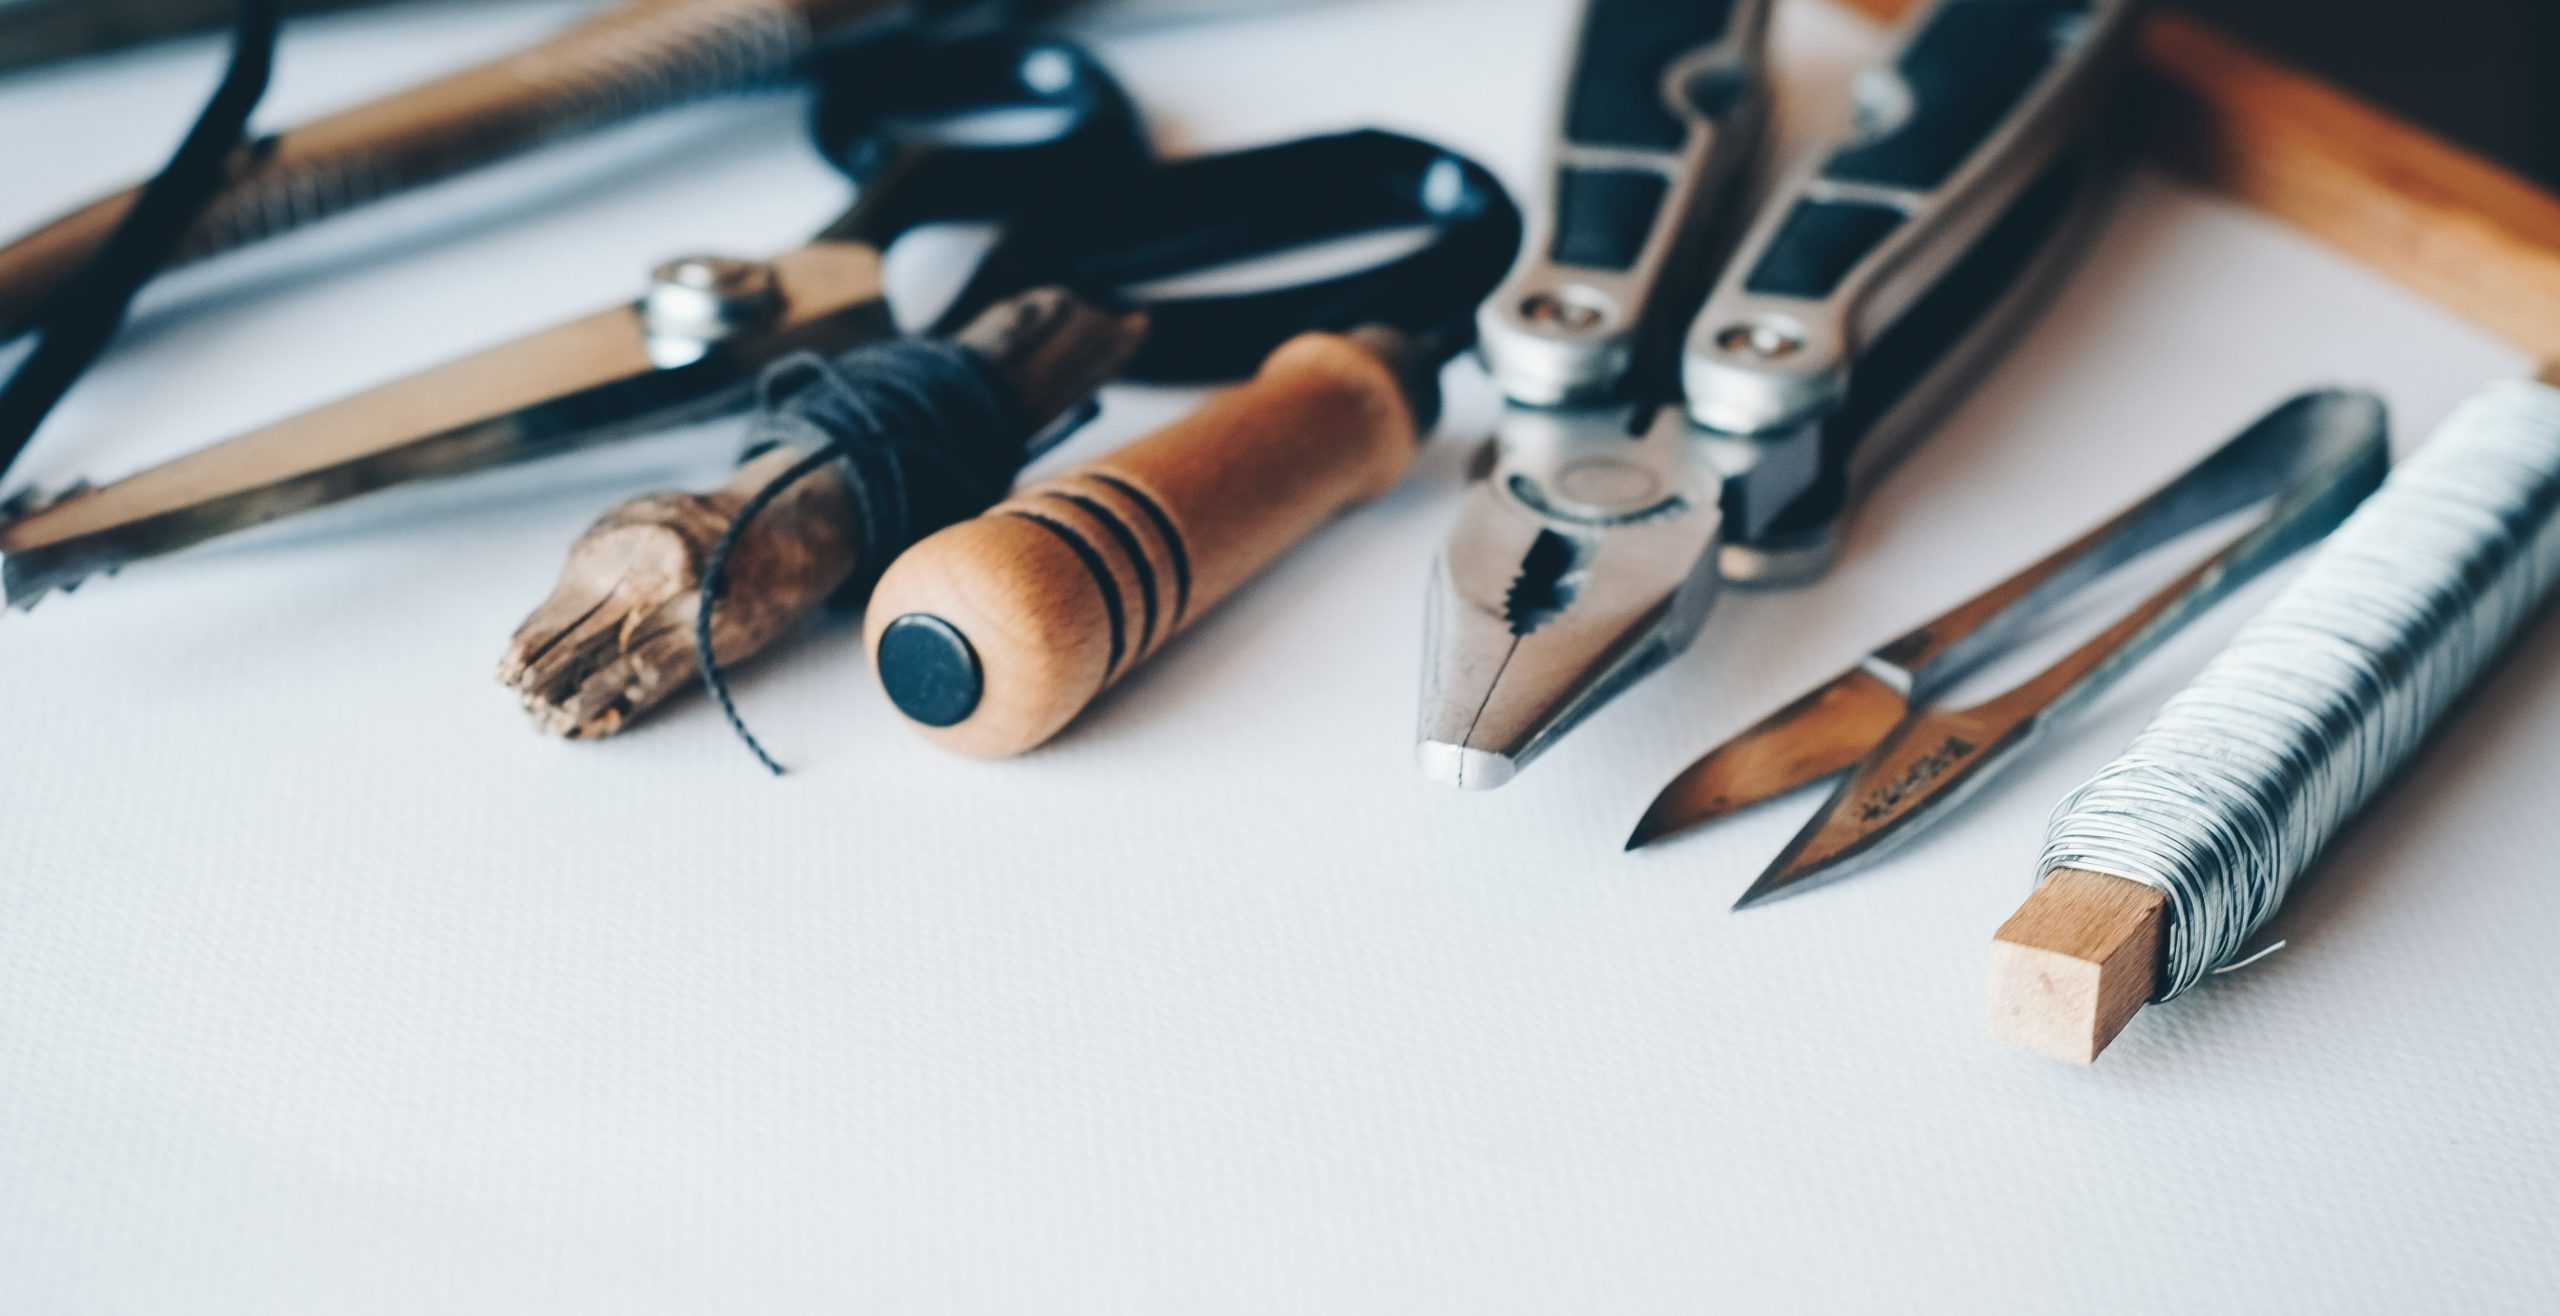 Työkaluja pöydällä